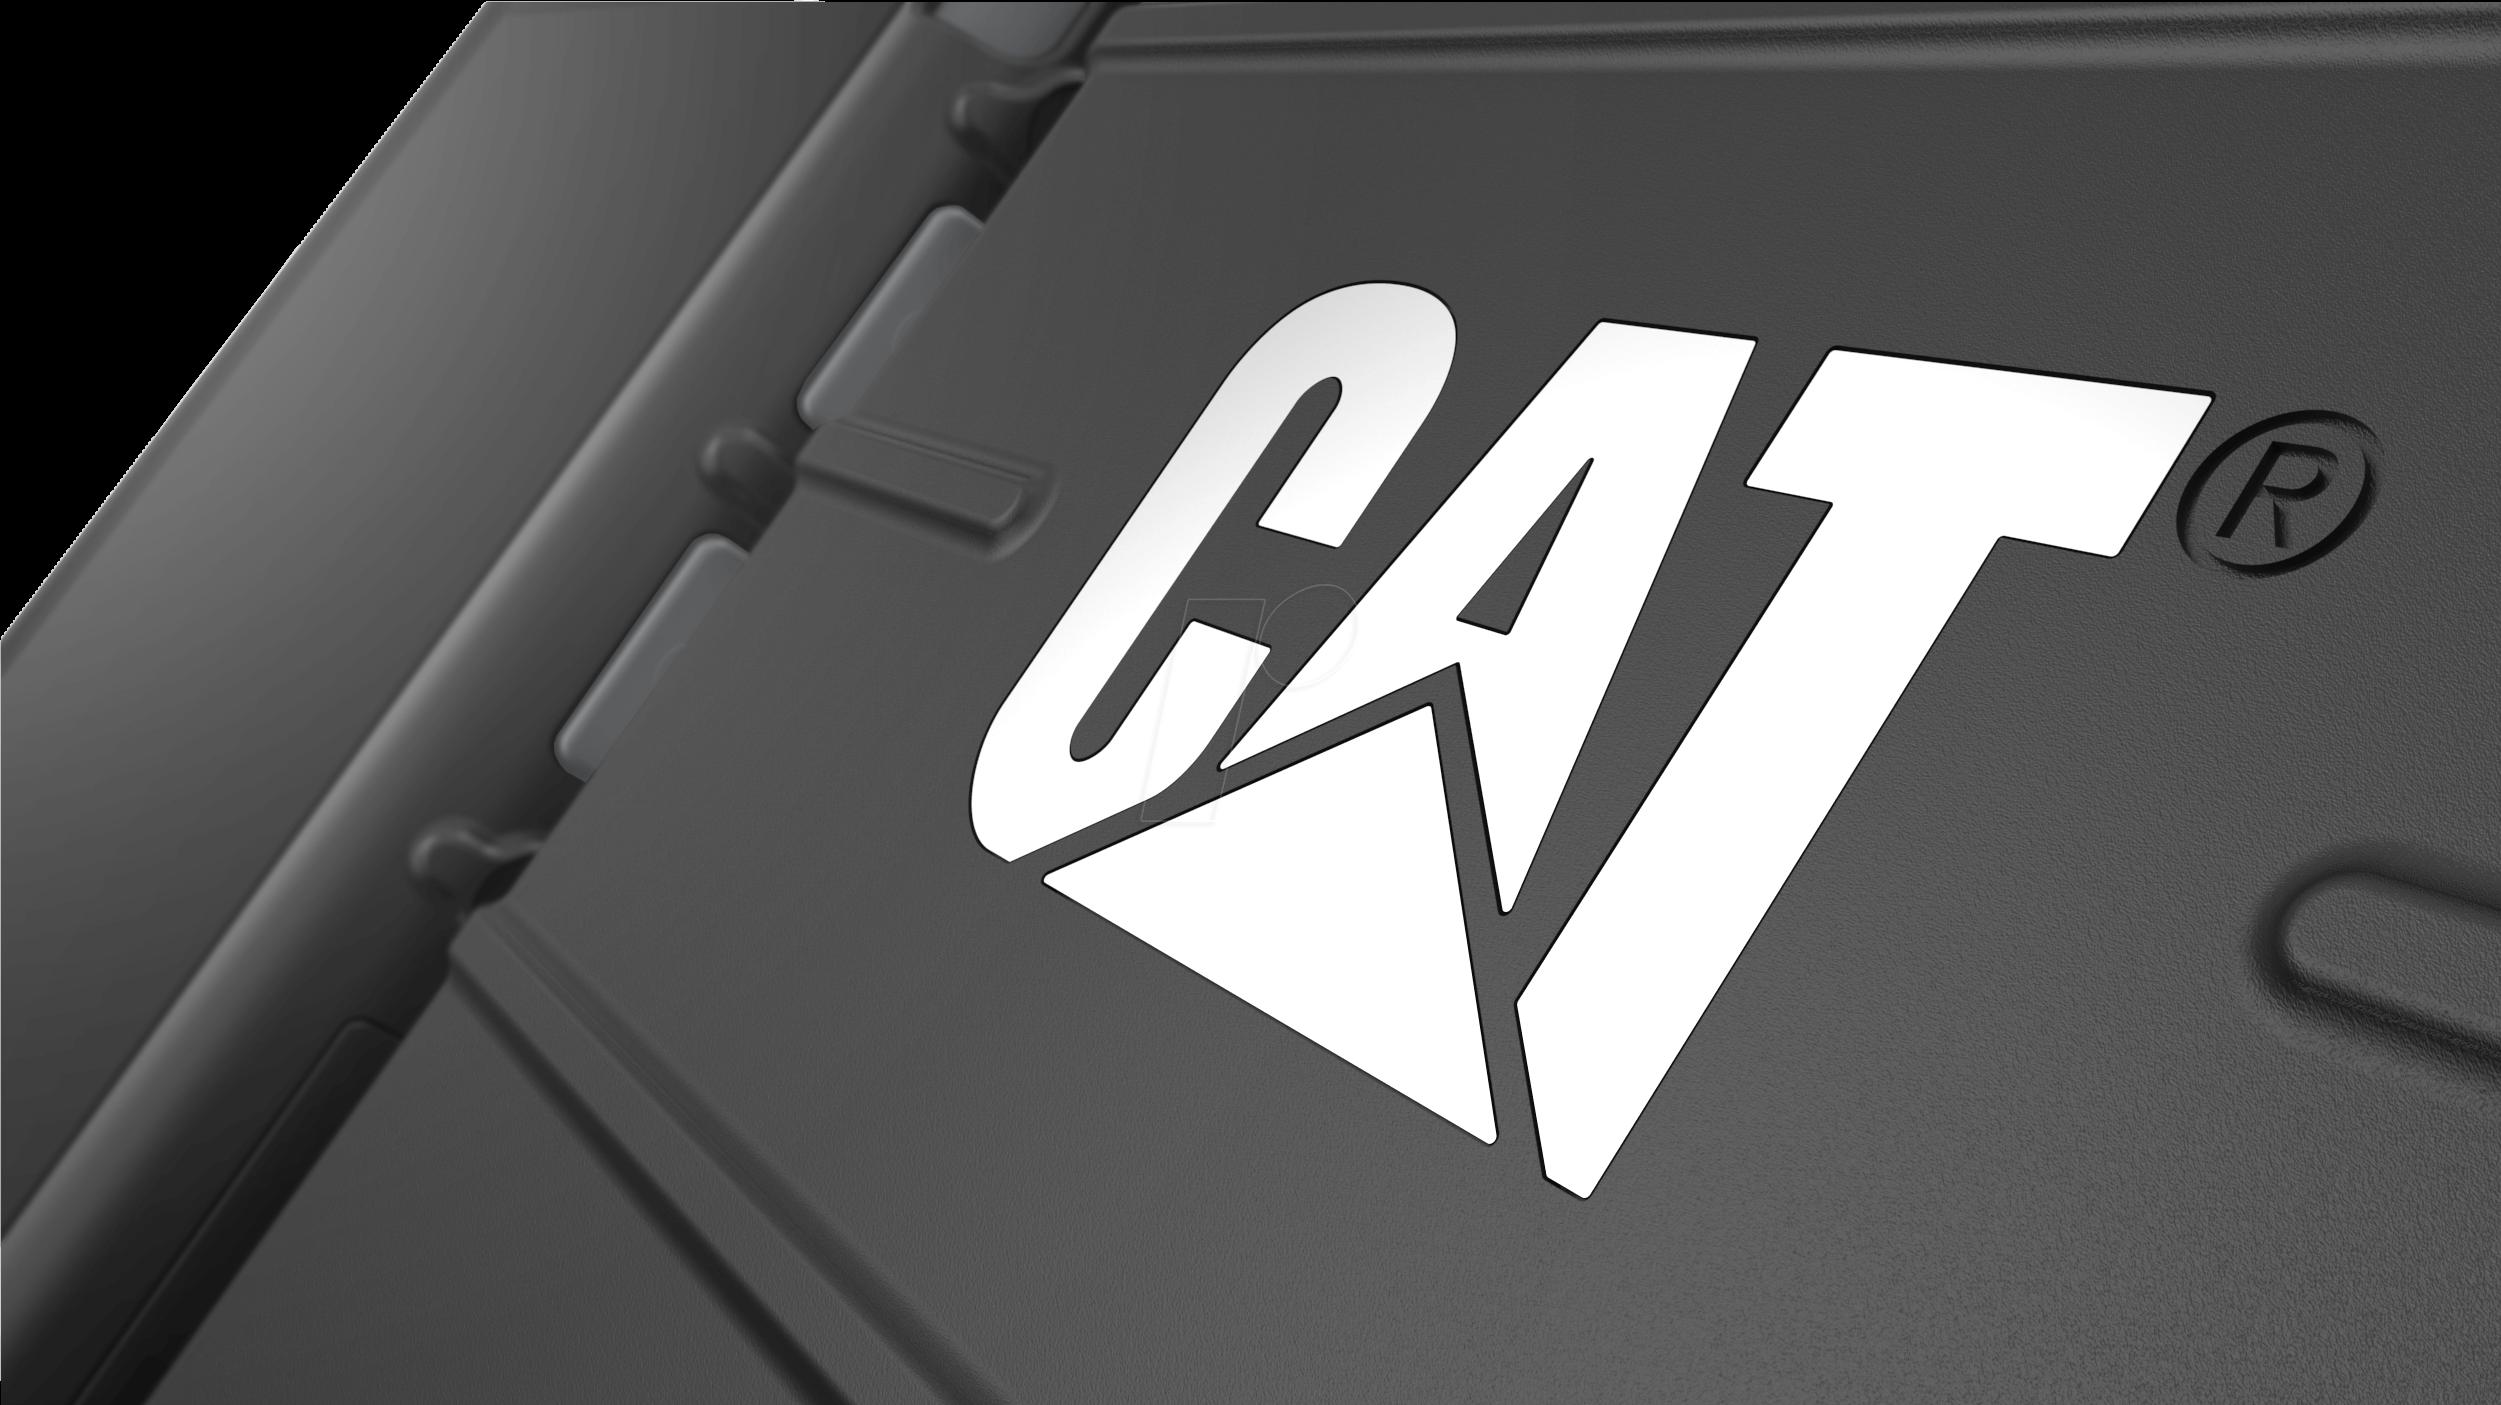 https://cdn-reichelt.de/bilder/web/xxl_ws/G500/CAT_S30_04.png